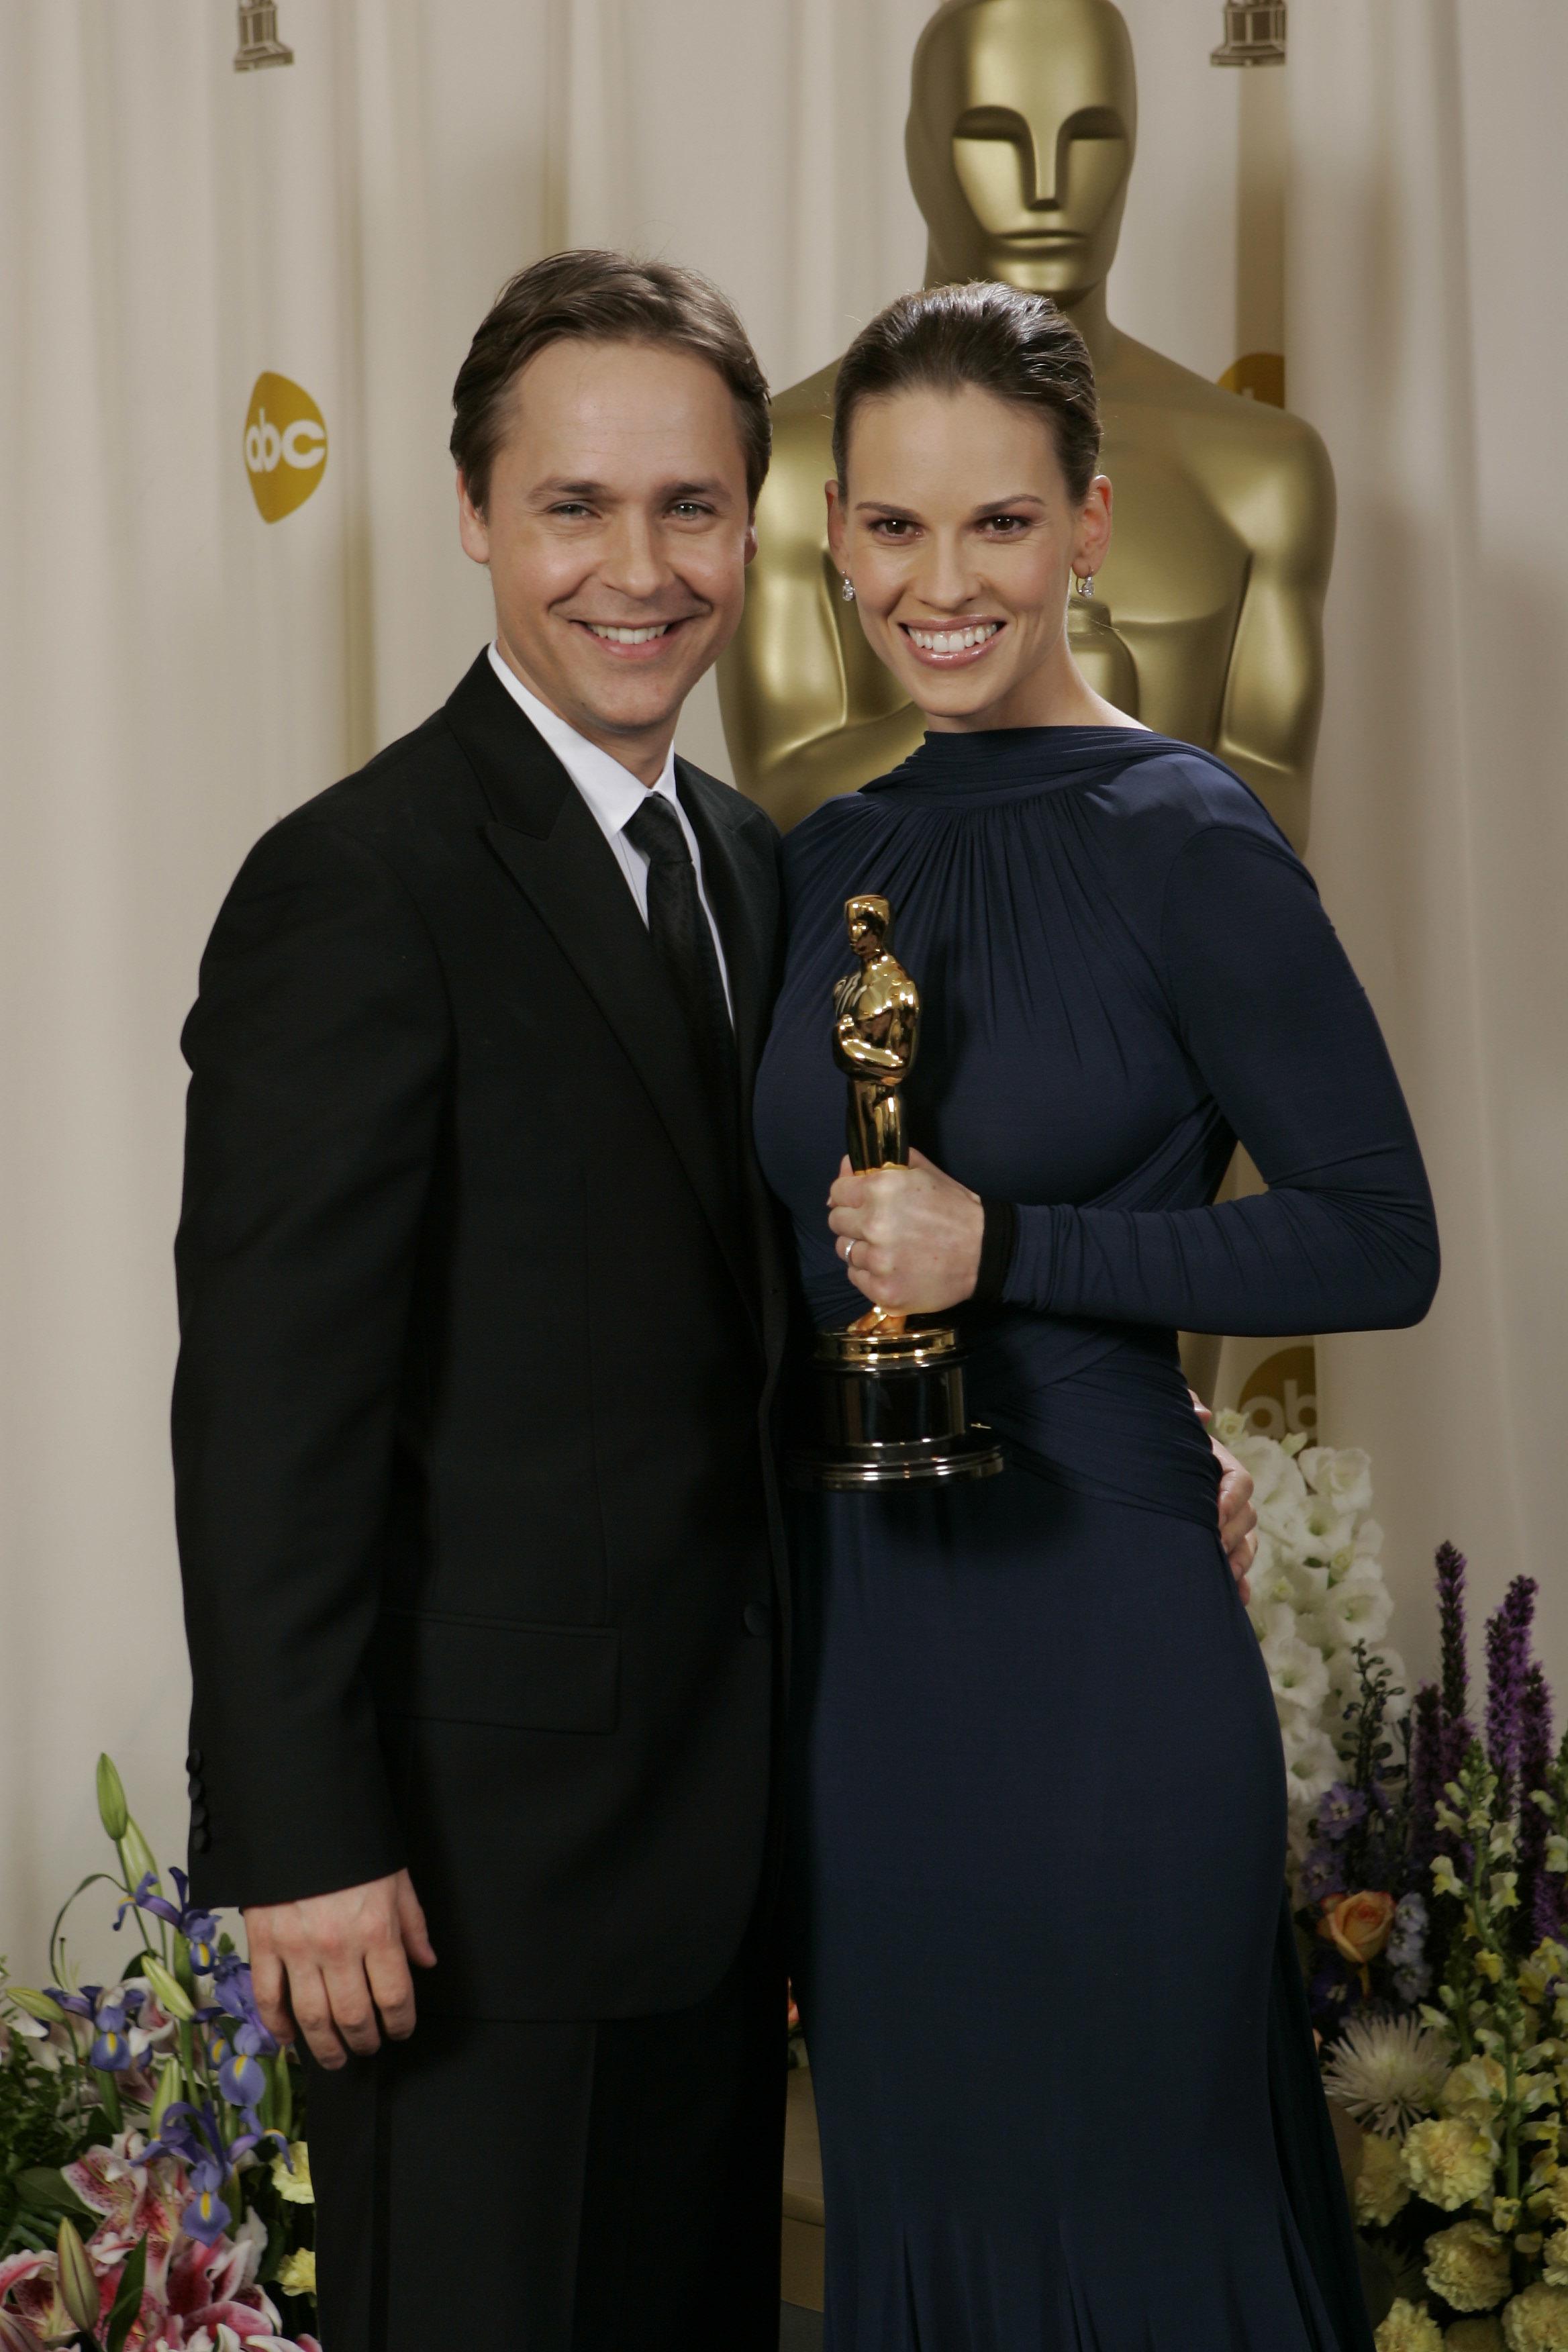 Chad Lowe Hilary Swank Oscars 2005